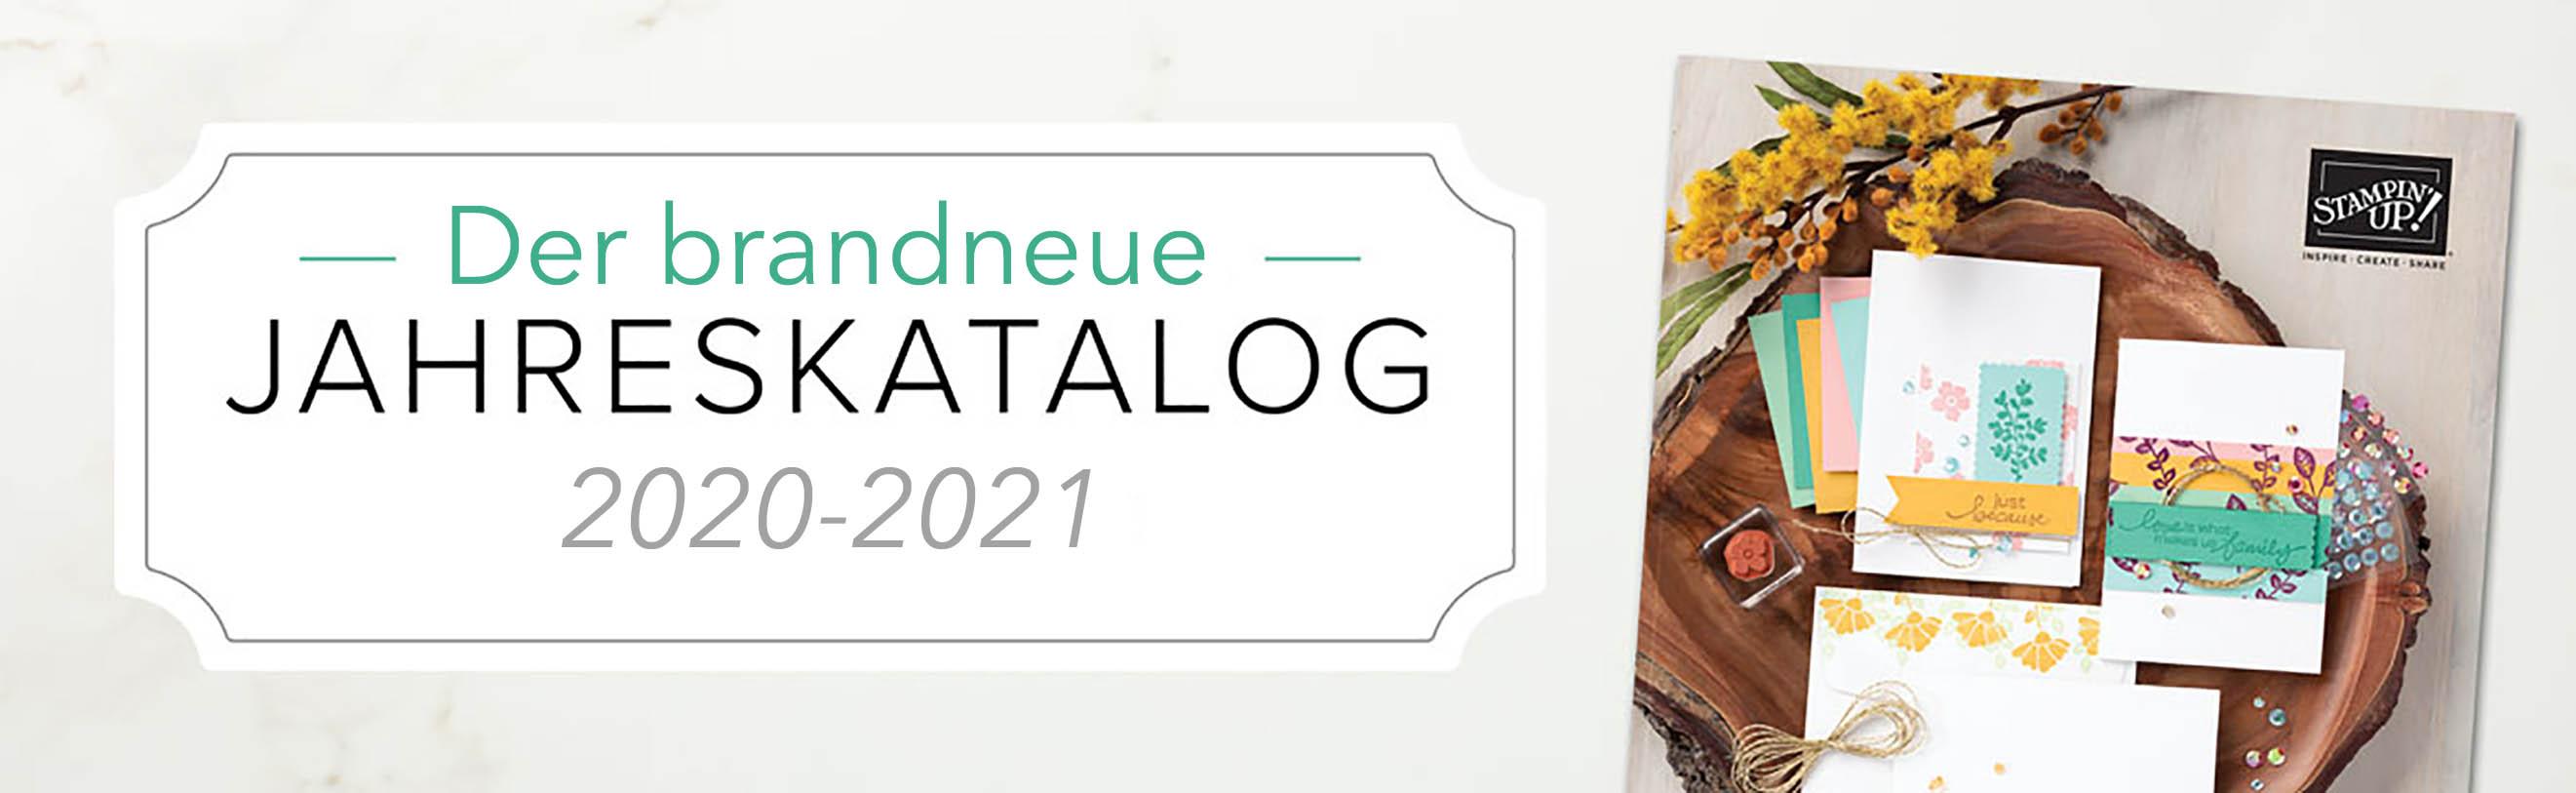 Jahreskatalog 2020-2021